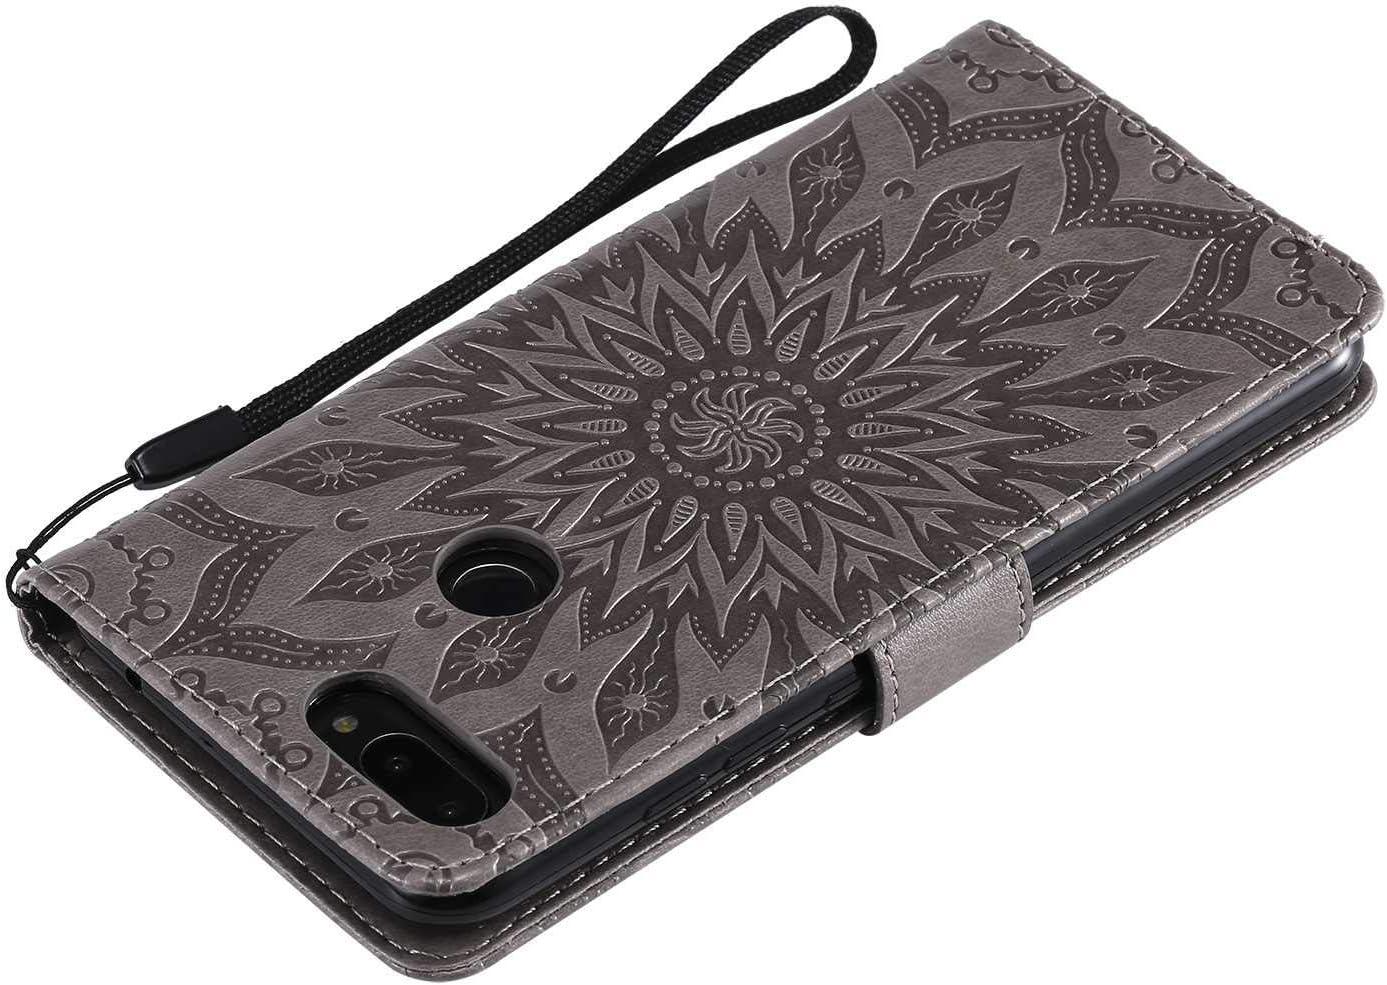 Sun Flower Design Shockproof Cover for Xiaomi MI 8 Lite Grey KKEIKO Xiaomi MI 8 Lite Case Xiaomi MI 8 Lite Flip Leather Wallet Case Notebook Style